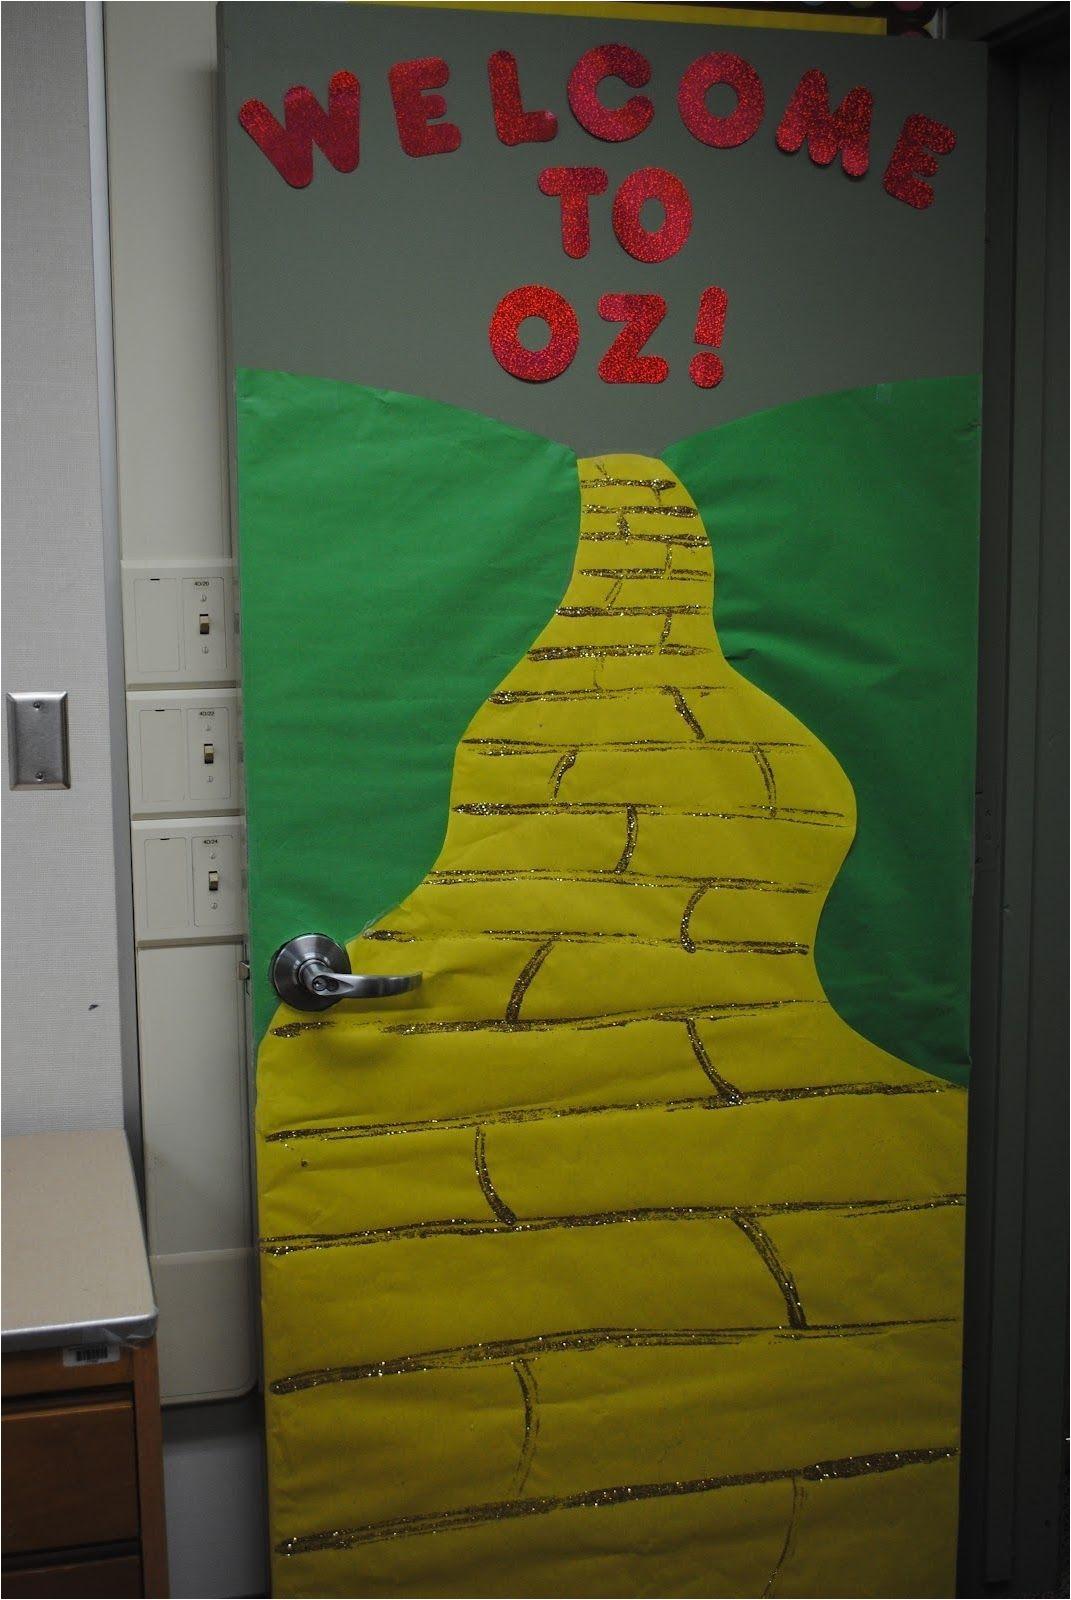 Wizard Of Oz Decoration Ideas School Door Decorating Ideas Us Decorating the Door My Awesome